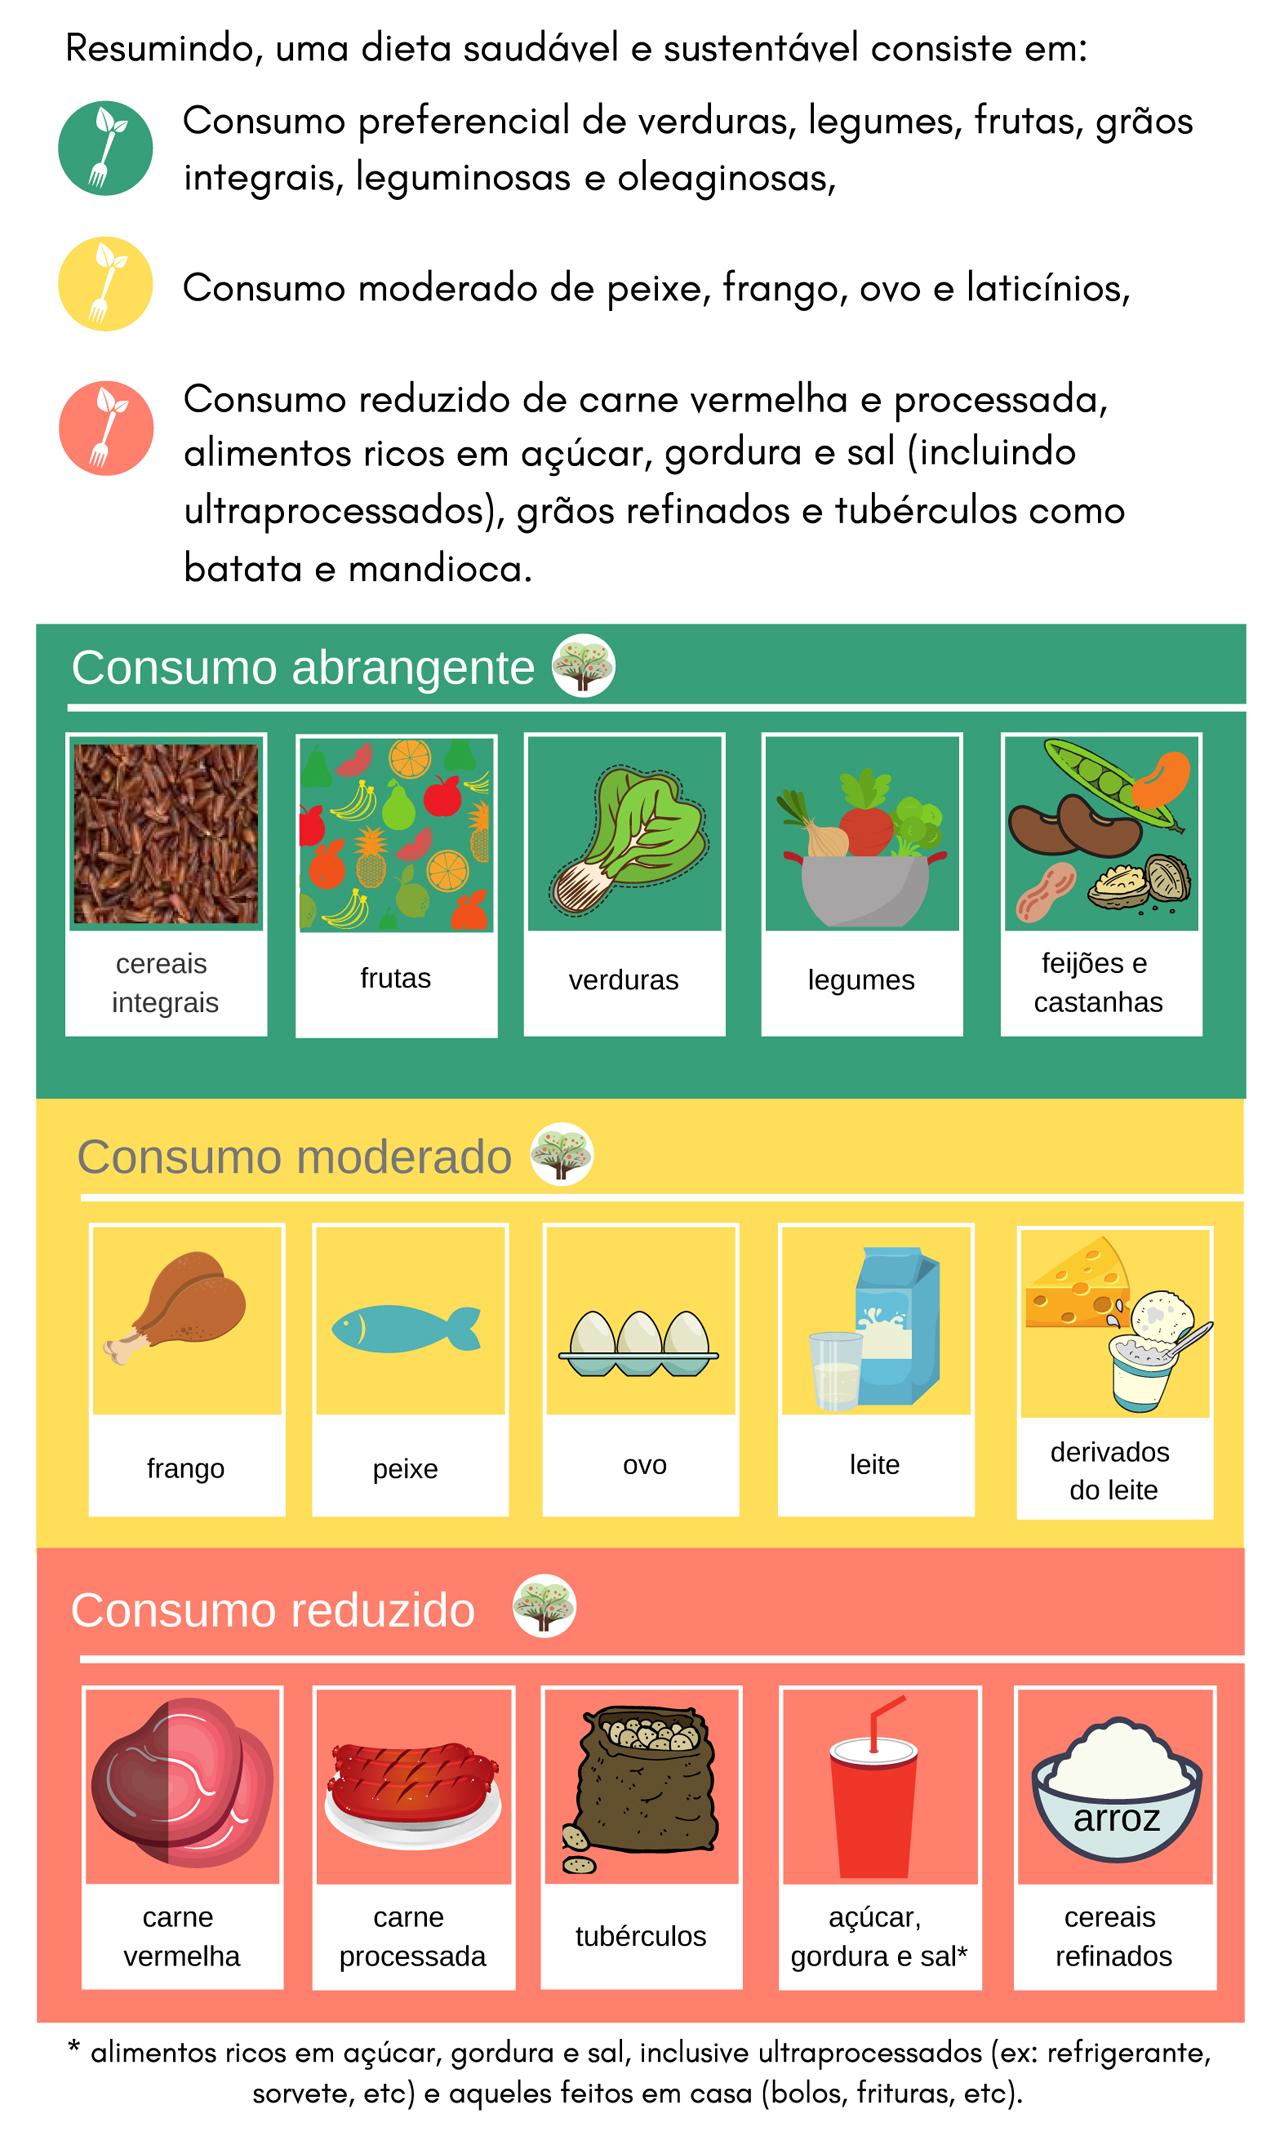 dieta saudável e sustentável